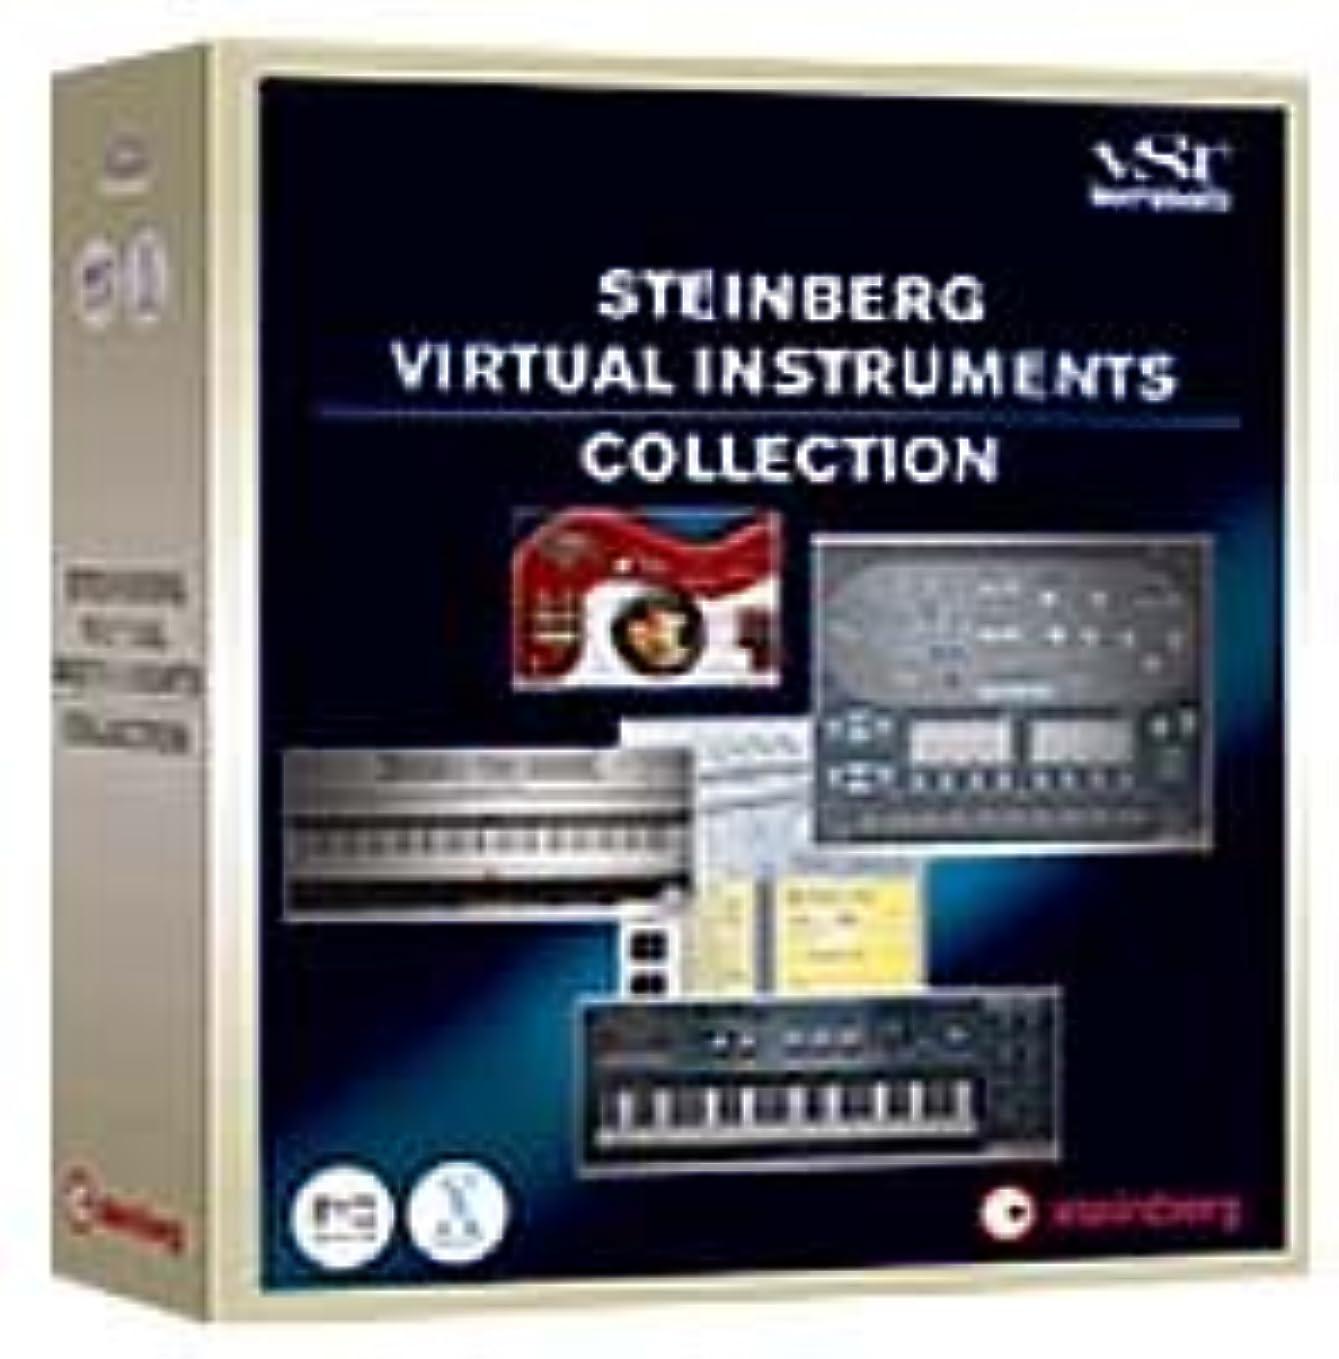 散らすぶら下がる失Virtual Instruments Collection